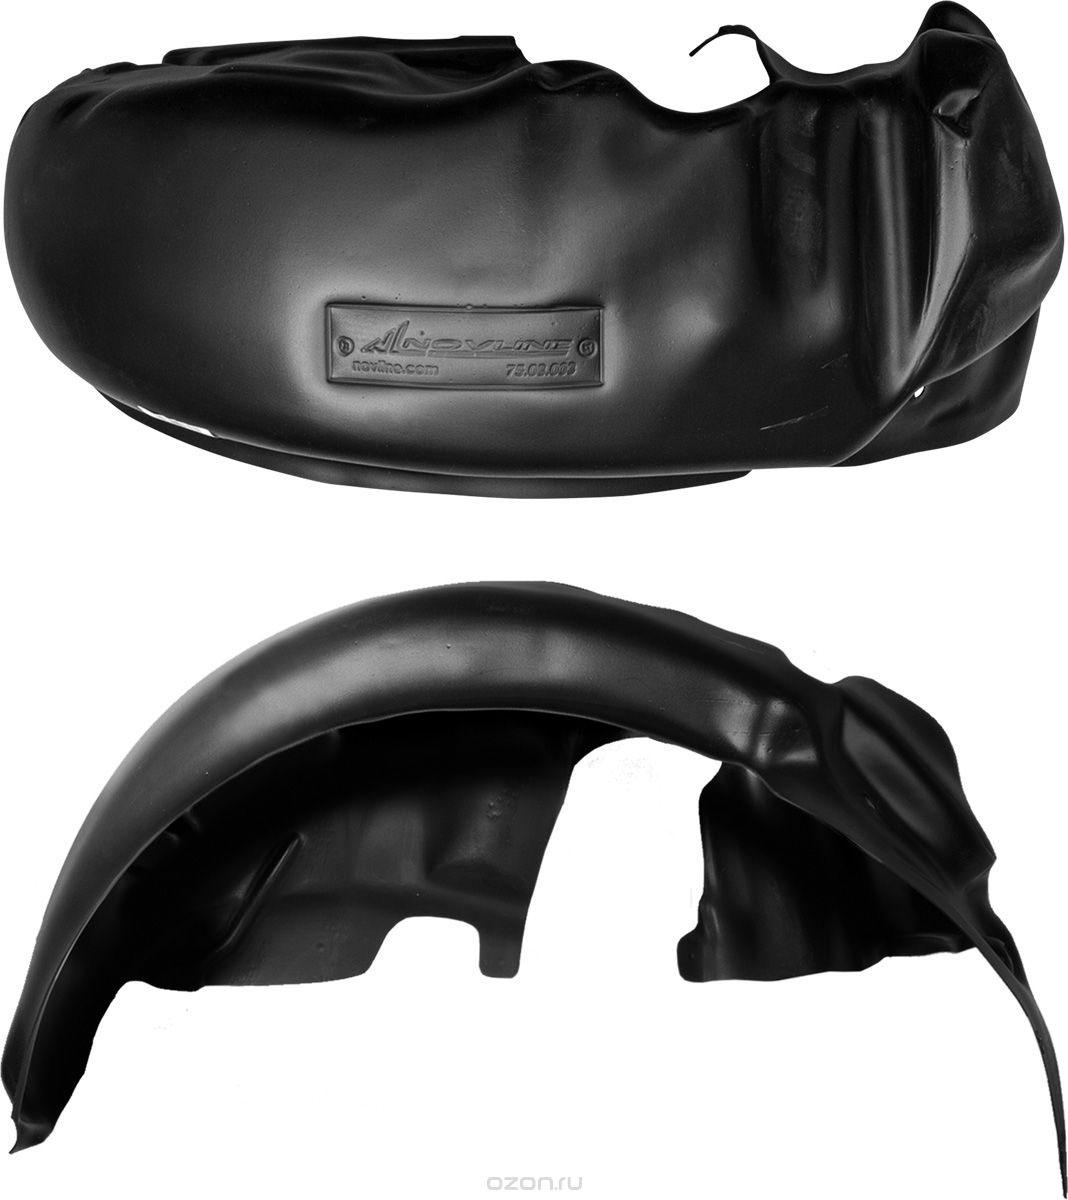 Подкрылок Novline-Autofamily, для Nissan X-Trail, T32, 2015->, передний левыйNLL.36.48.001Идеальная защита колесной ниши. Локеры разработаны с применением цифровых технологий, гарантируют максимальную повторяемость поверхности арки. Изделия устанавливаются без нарушения лакокрасочного покрытия автомобиля, каждый подкрылок комплектуется крепежом. Уважаемые клиенты, обращаем ваше внимание, что фотографии на подкрылки универсальные и не отражают реальную форму изделия. При этом само изделие идет точно под размер указанного автомобиля.